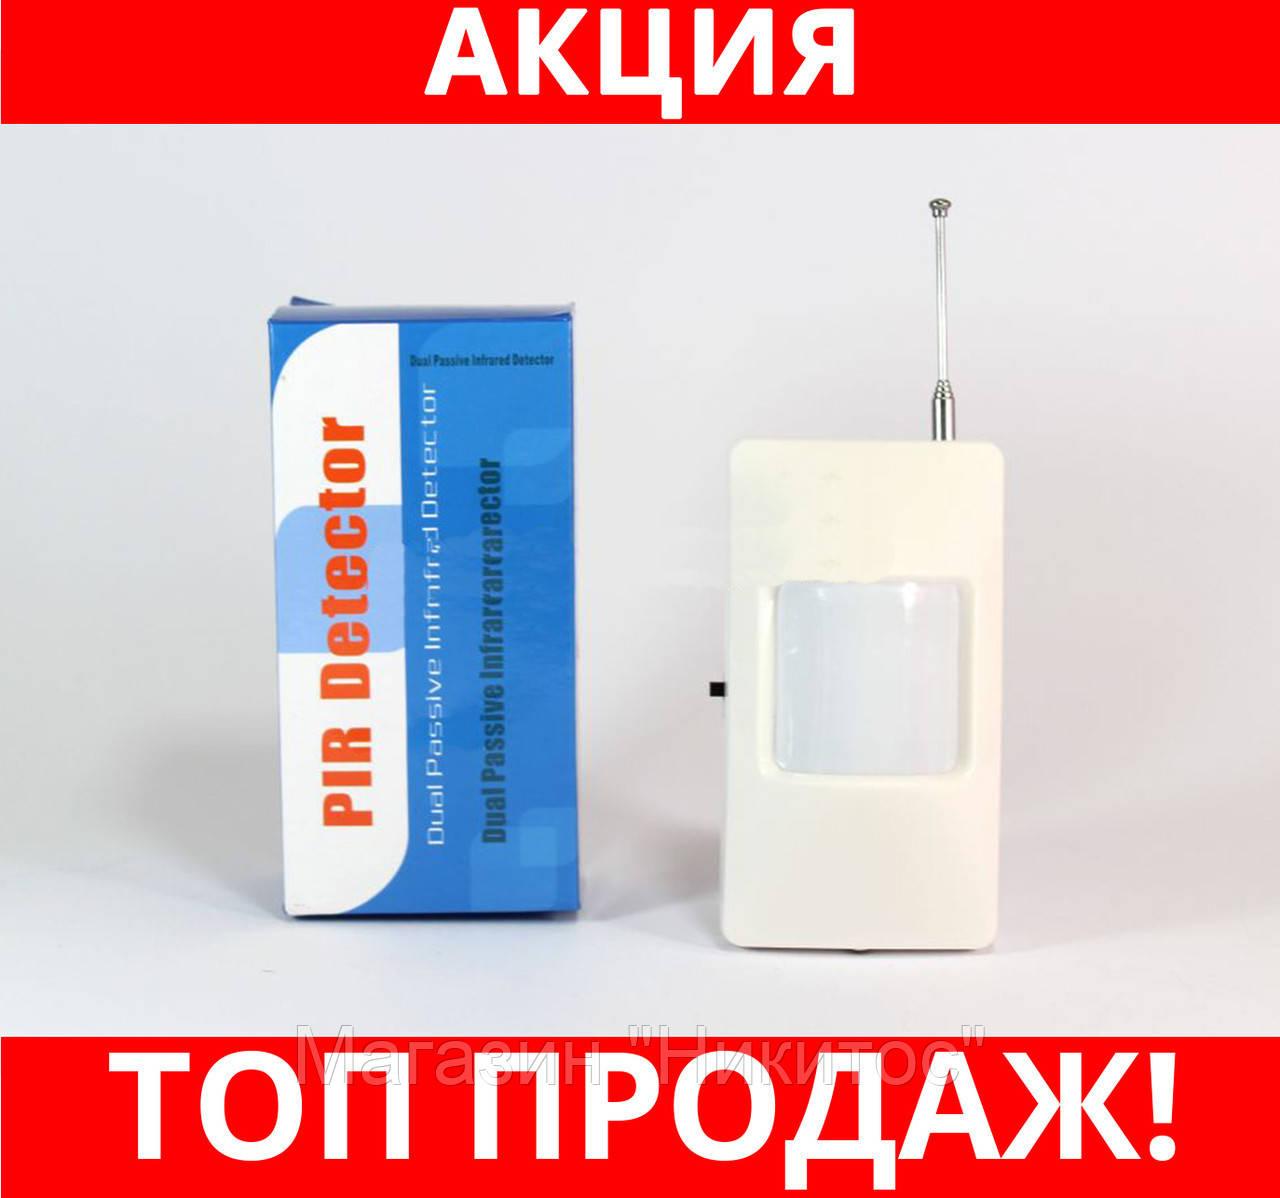 Датчик движения для GSM сигналзации HW 01!Хит цена